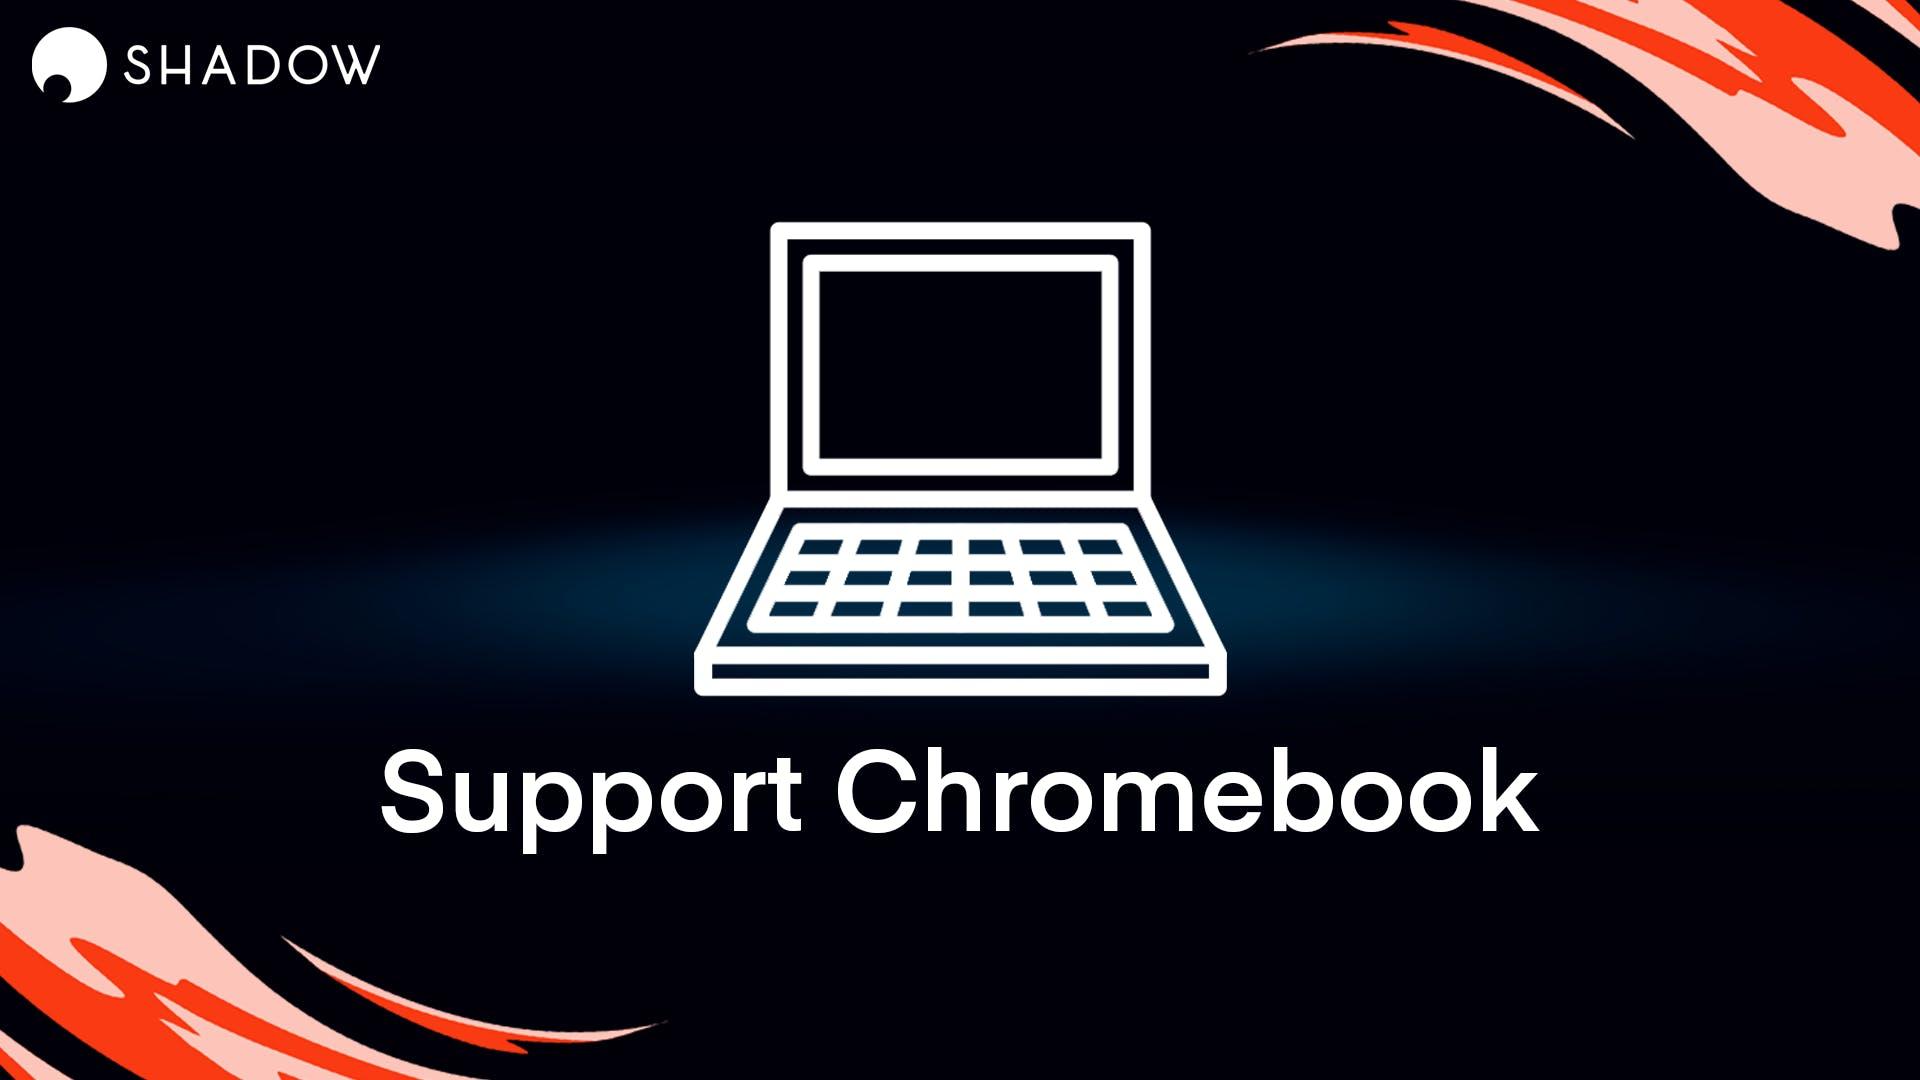 Compatibilité Chromebook Shadow